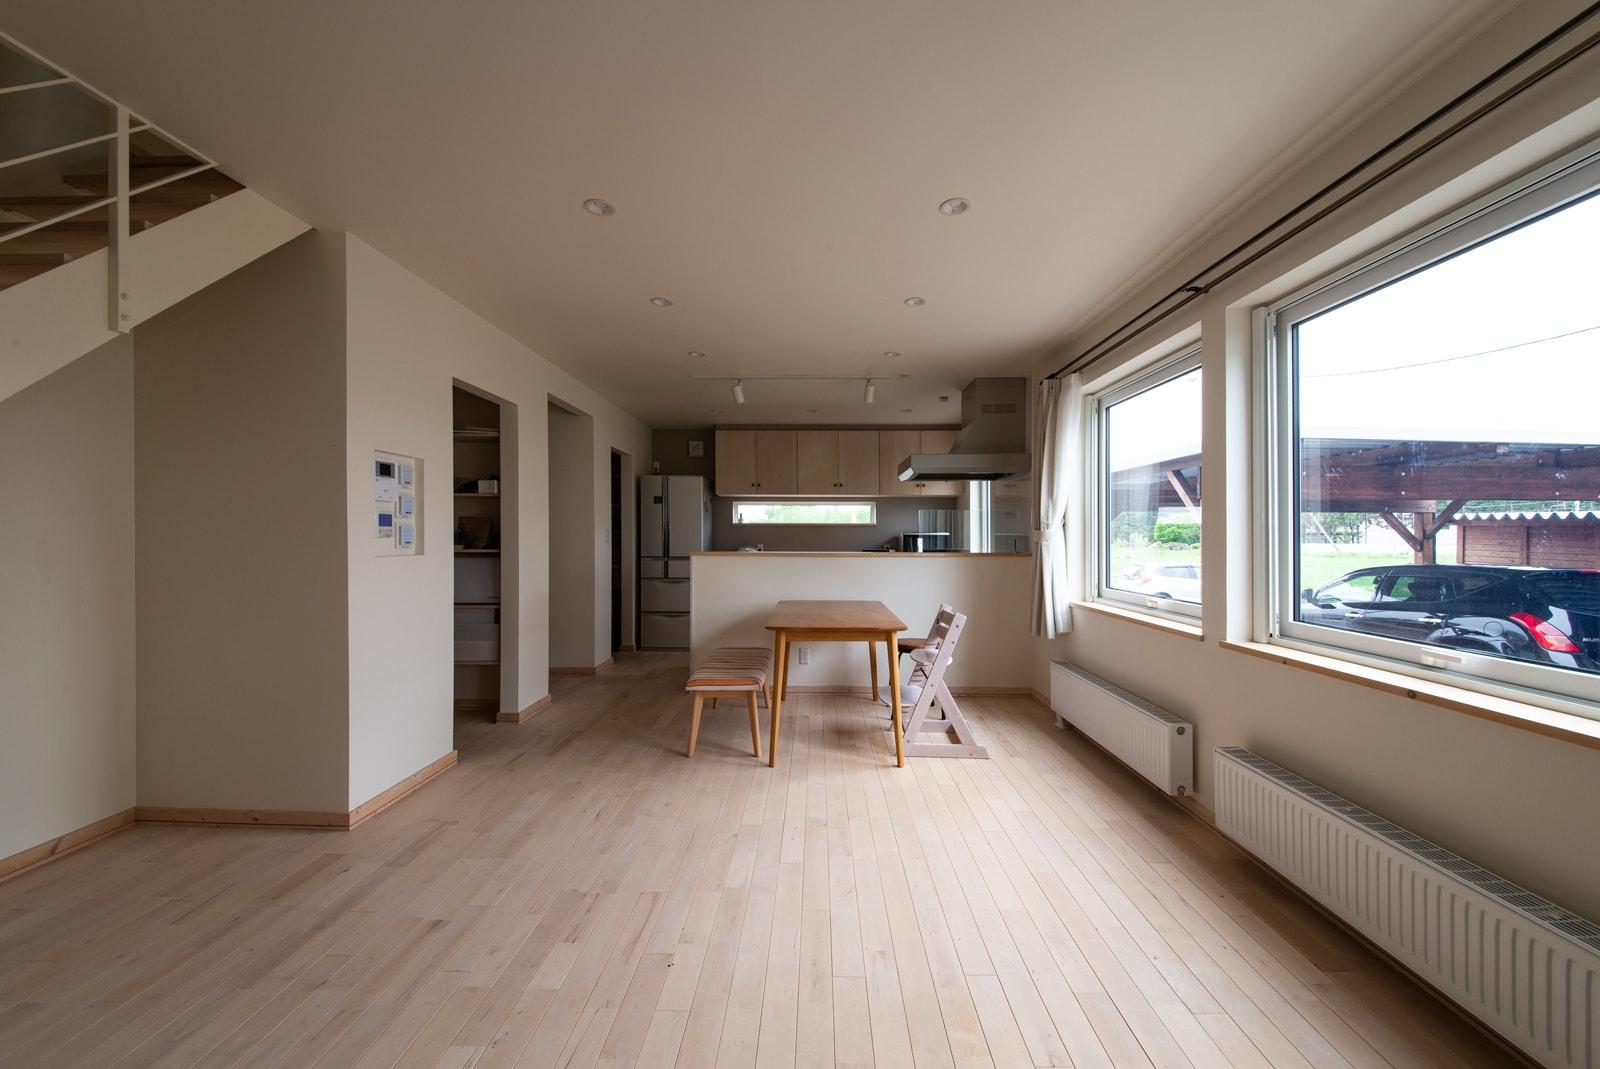 窓があるところに設置することで、外からの冷気を防ぎ、室温が多少低めでも暖かく感じられる。結露の予防にもなる